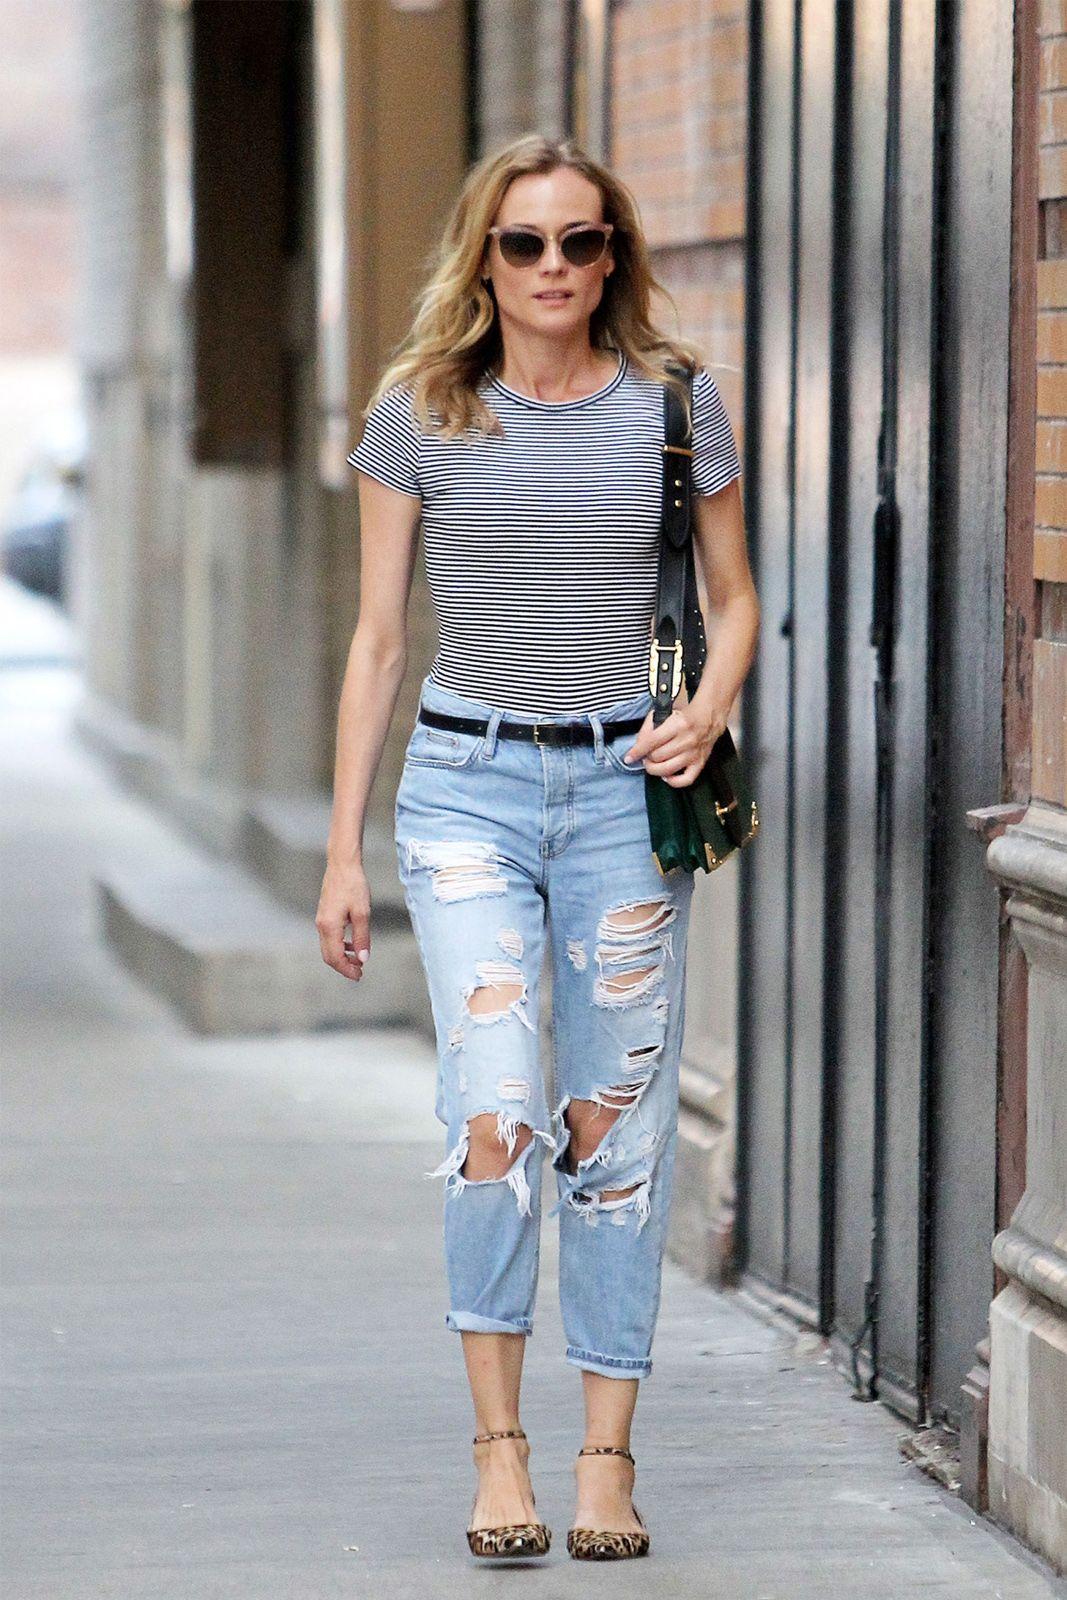 Move Over Skinny Jeans! Ini Saatnya Tampil Modis dengan Boyfriend Jeans!